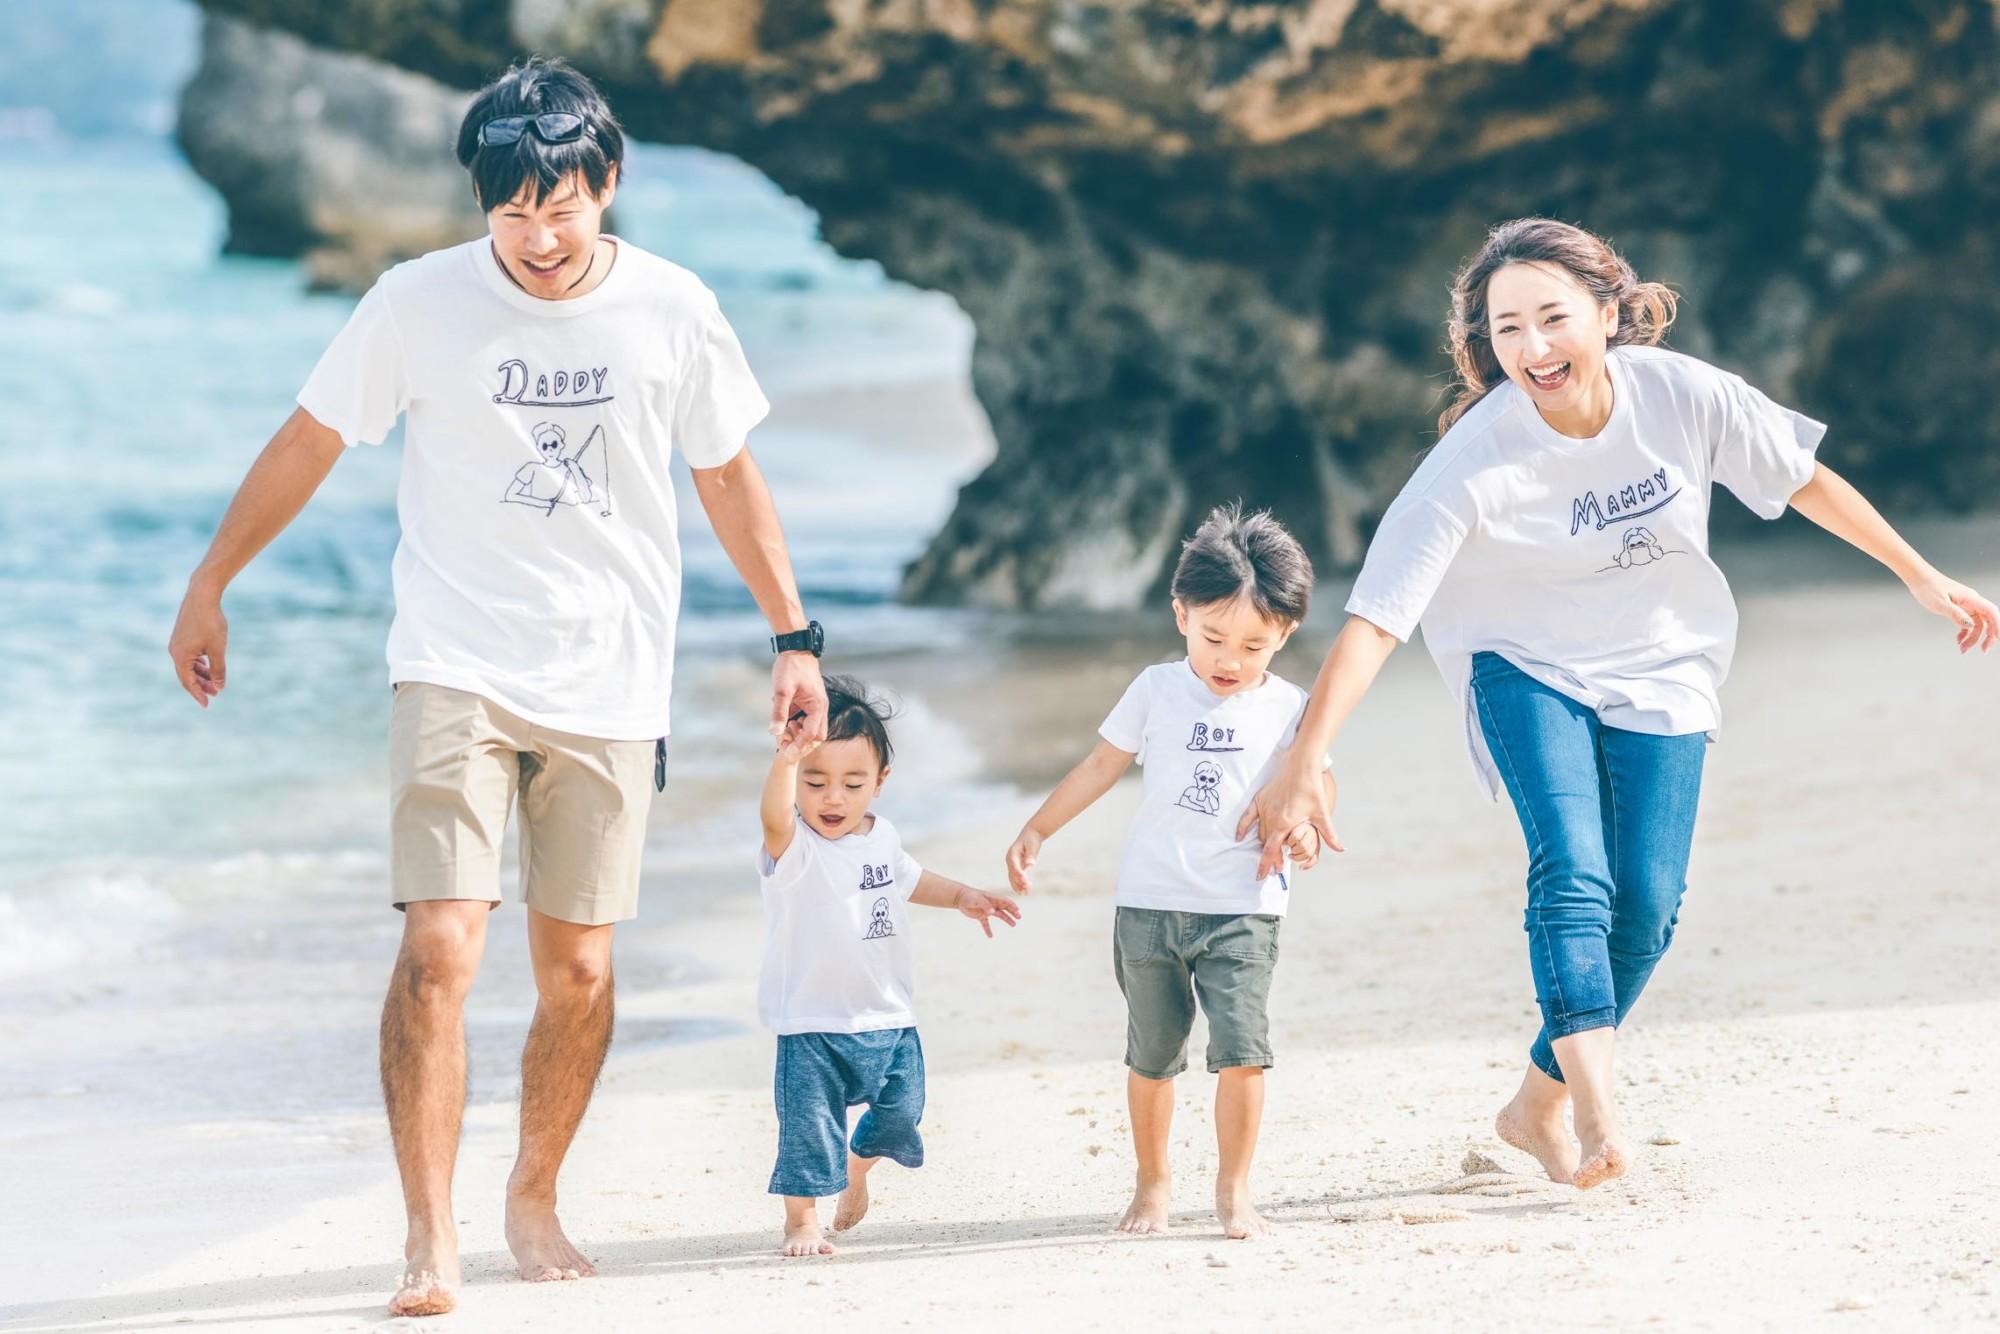 あなたの大切なご家族との絆を写します。「家族の宝物」になると幸いです。